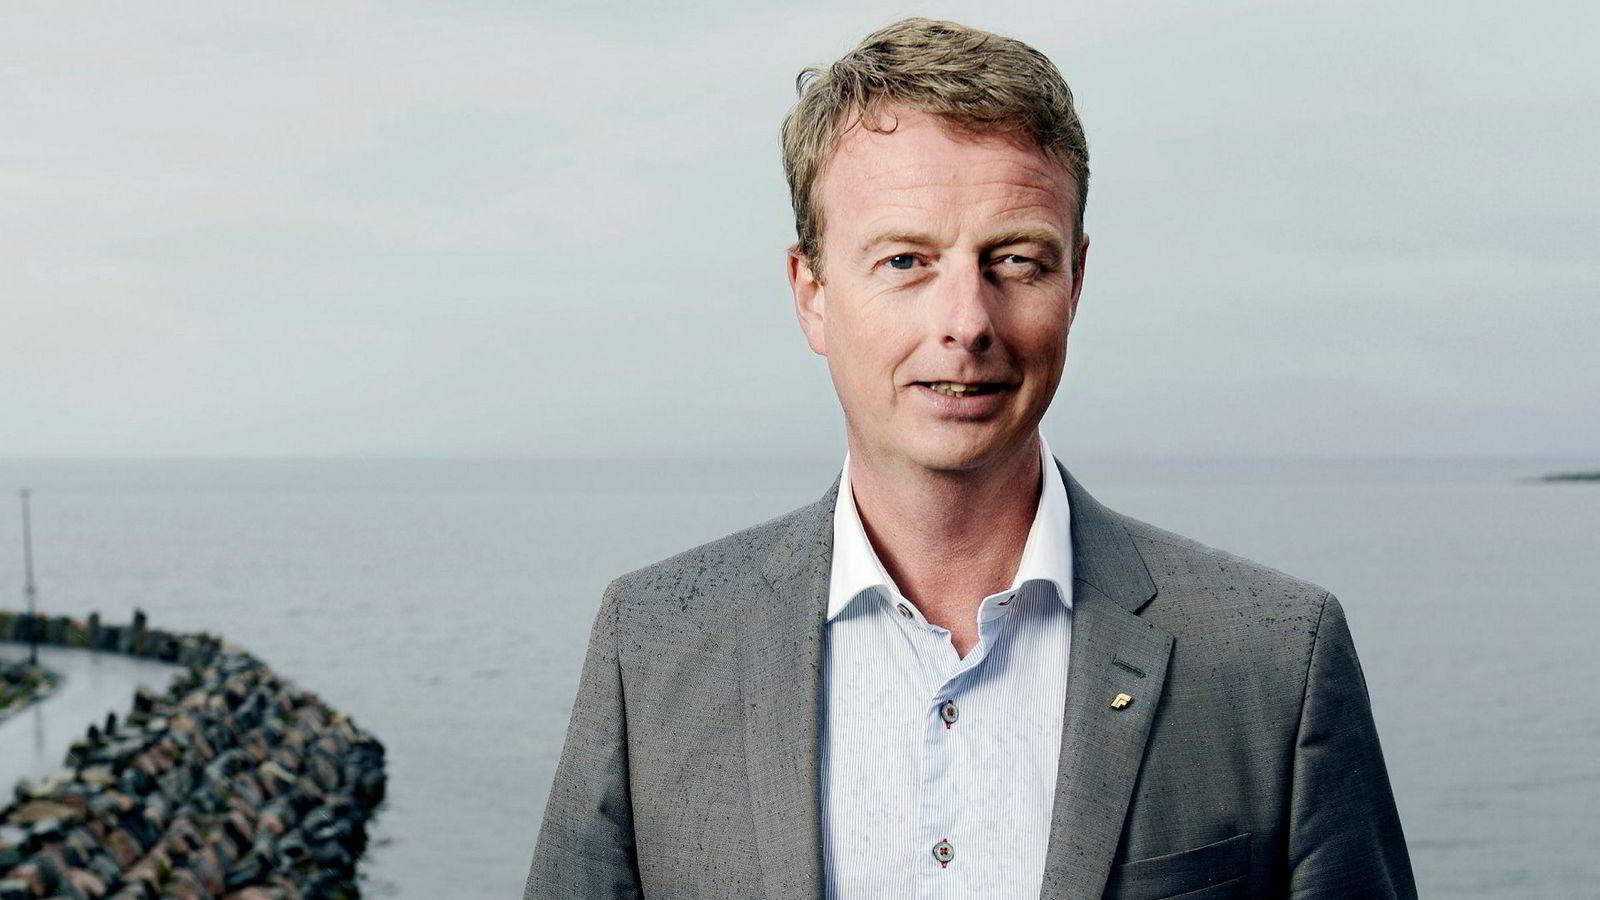 Os-ordfører Terje Søviknes er aktuell som ny olje- og energiminister.